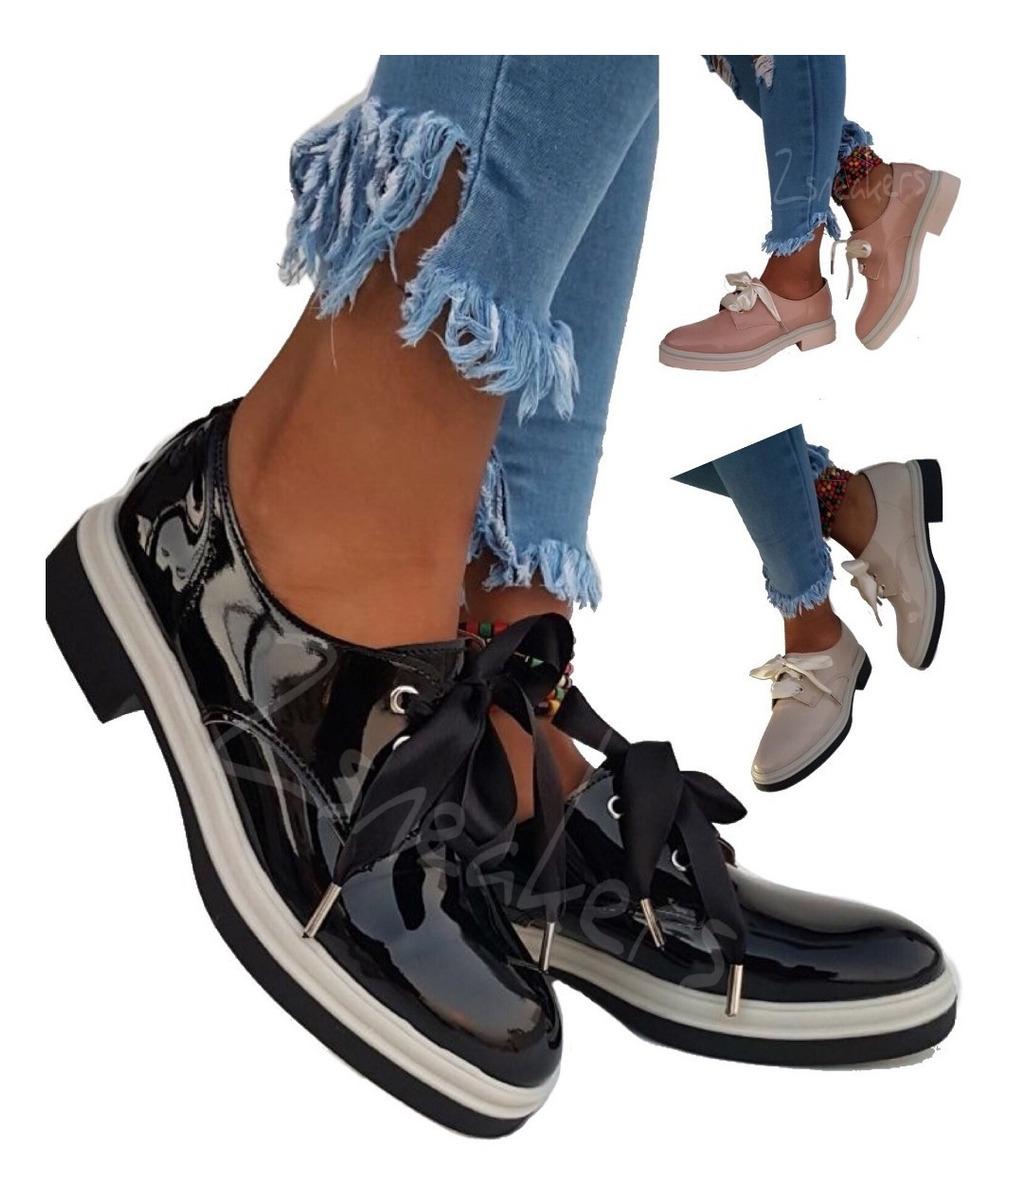 f9eb057bc6e5 Zapatos Mujer Charol Bajos Mocasin Botas Otoño Invierno 2018